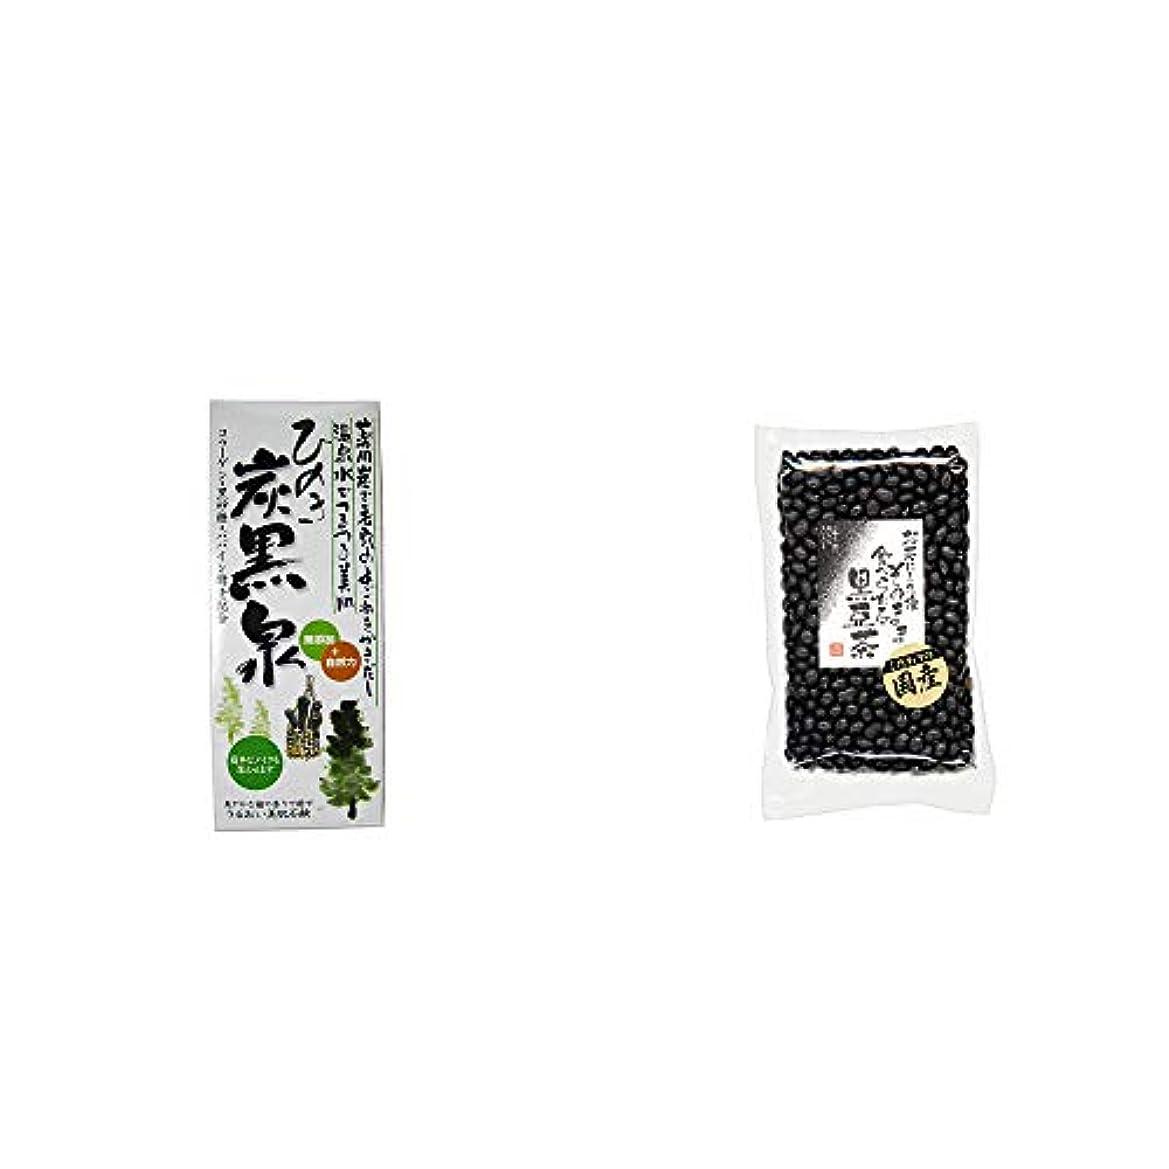 カフェ政治家の大陸[2点セット] ひのき炭黒泉 箱入り(75g×3)?国産 黒豆茶(200g)